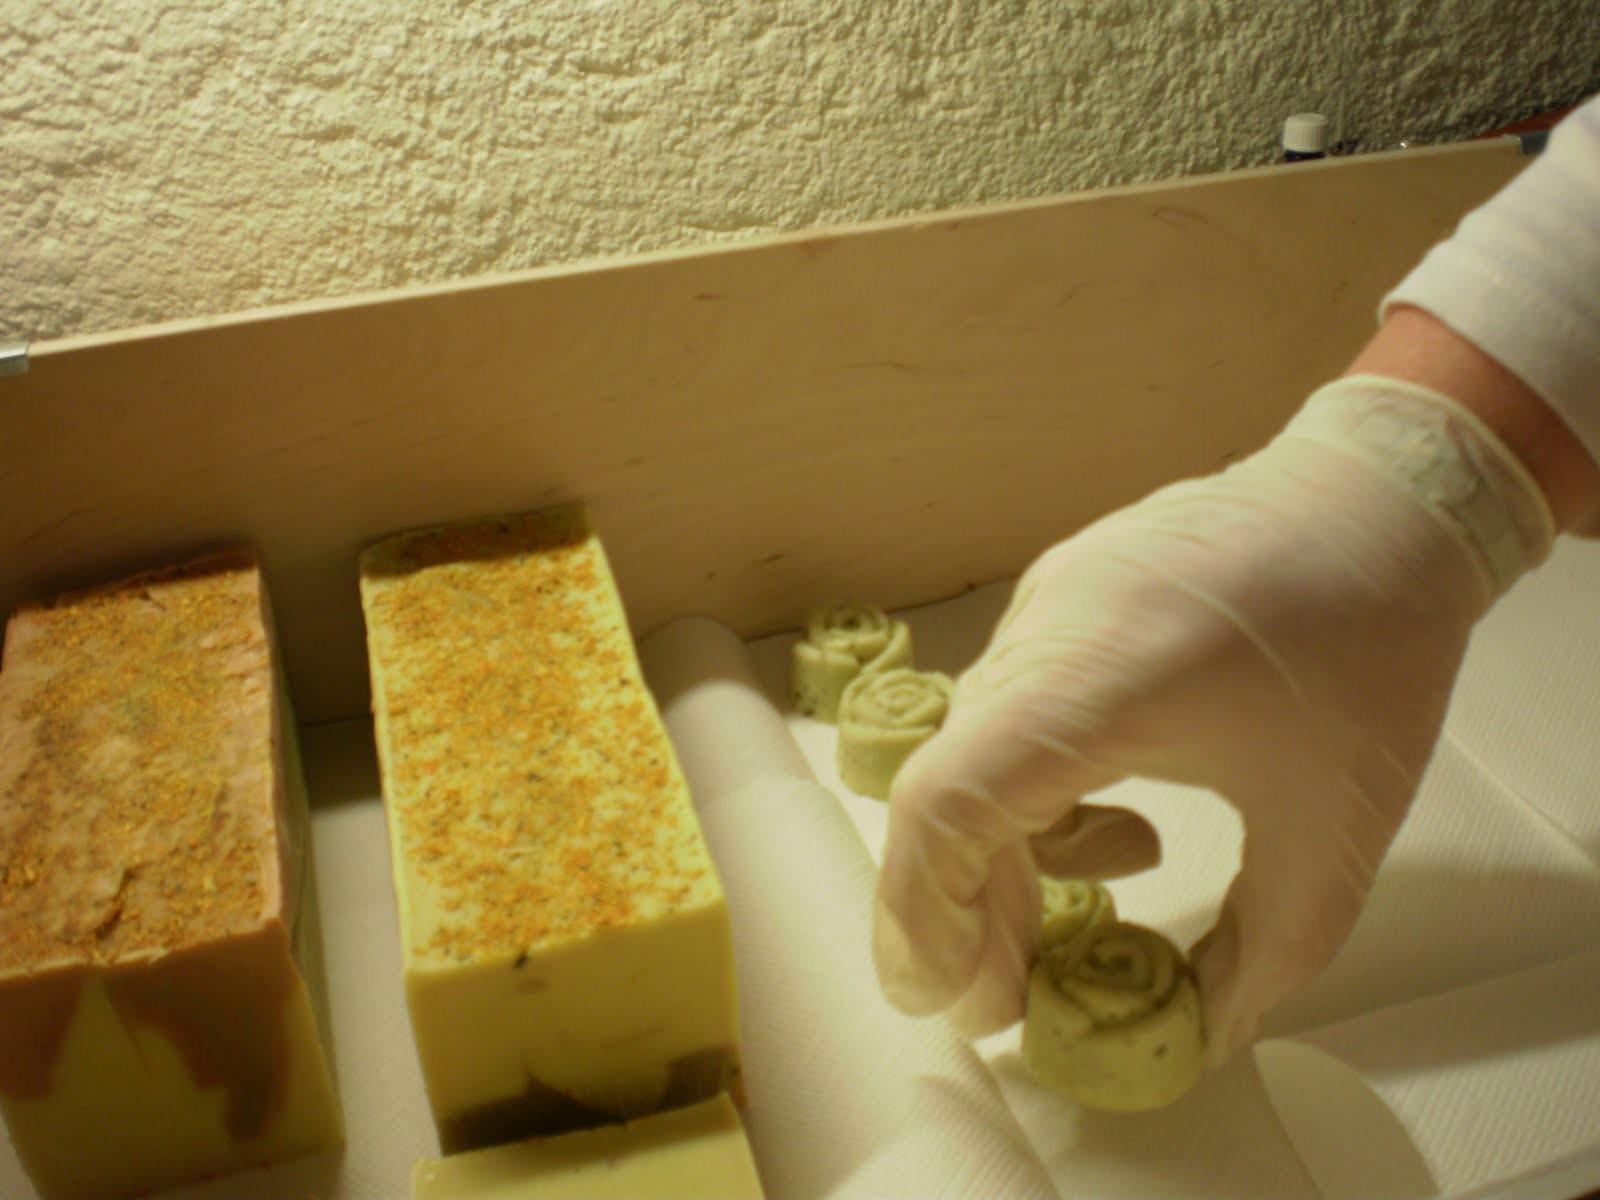 Die Reifungszeit dauert 4 - 5 Wochen. Bei Olivenölseifen 8 Wochen